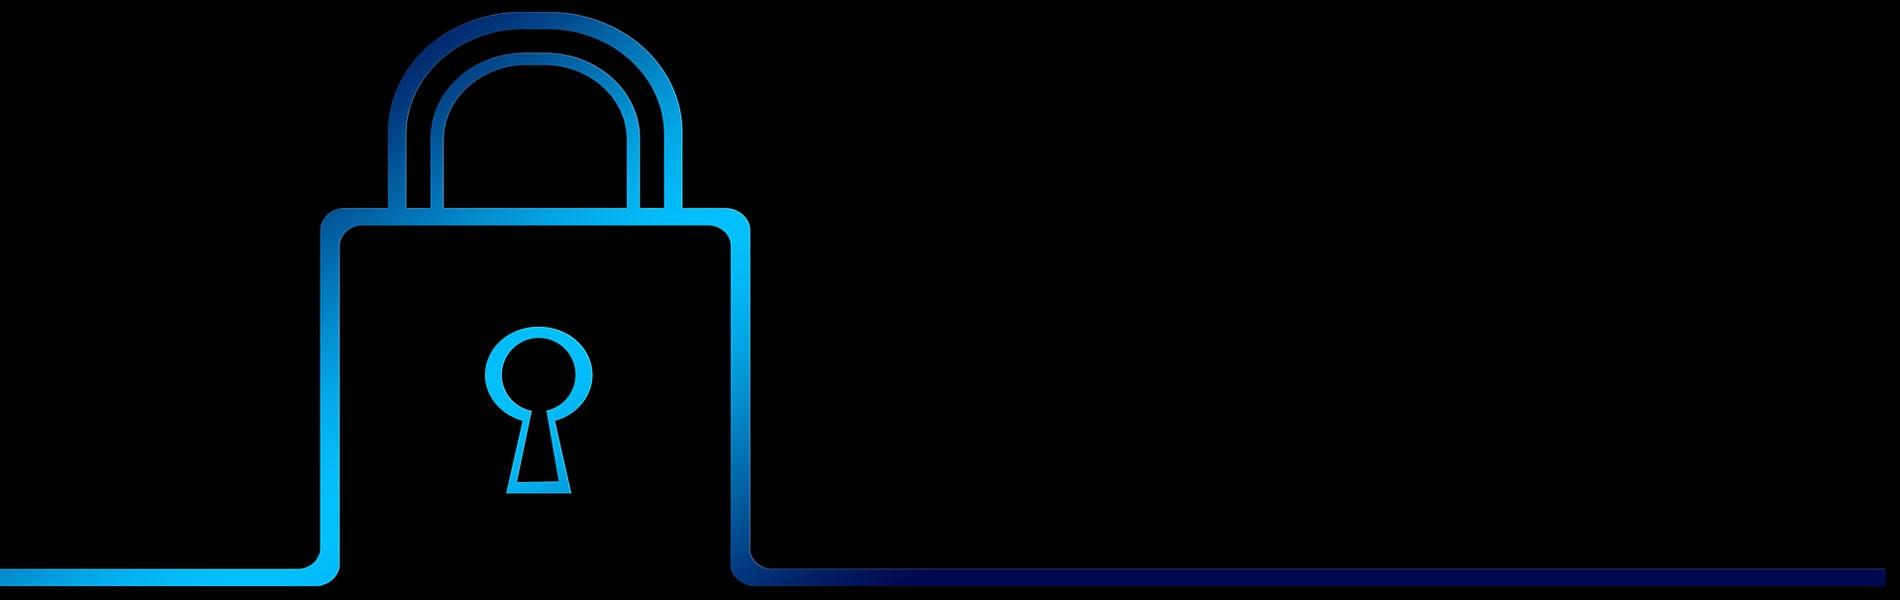 SSL証明書はマイページで一元管理